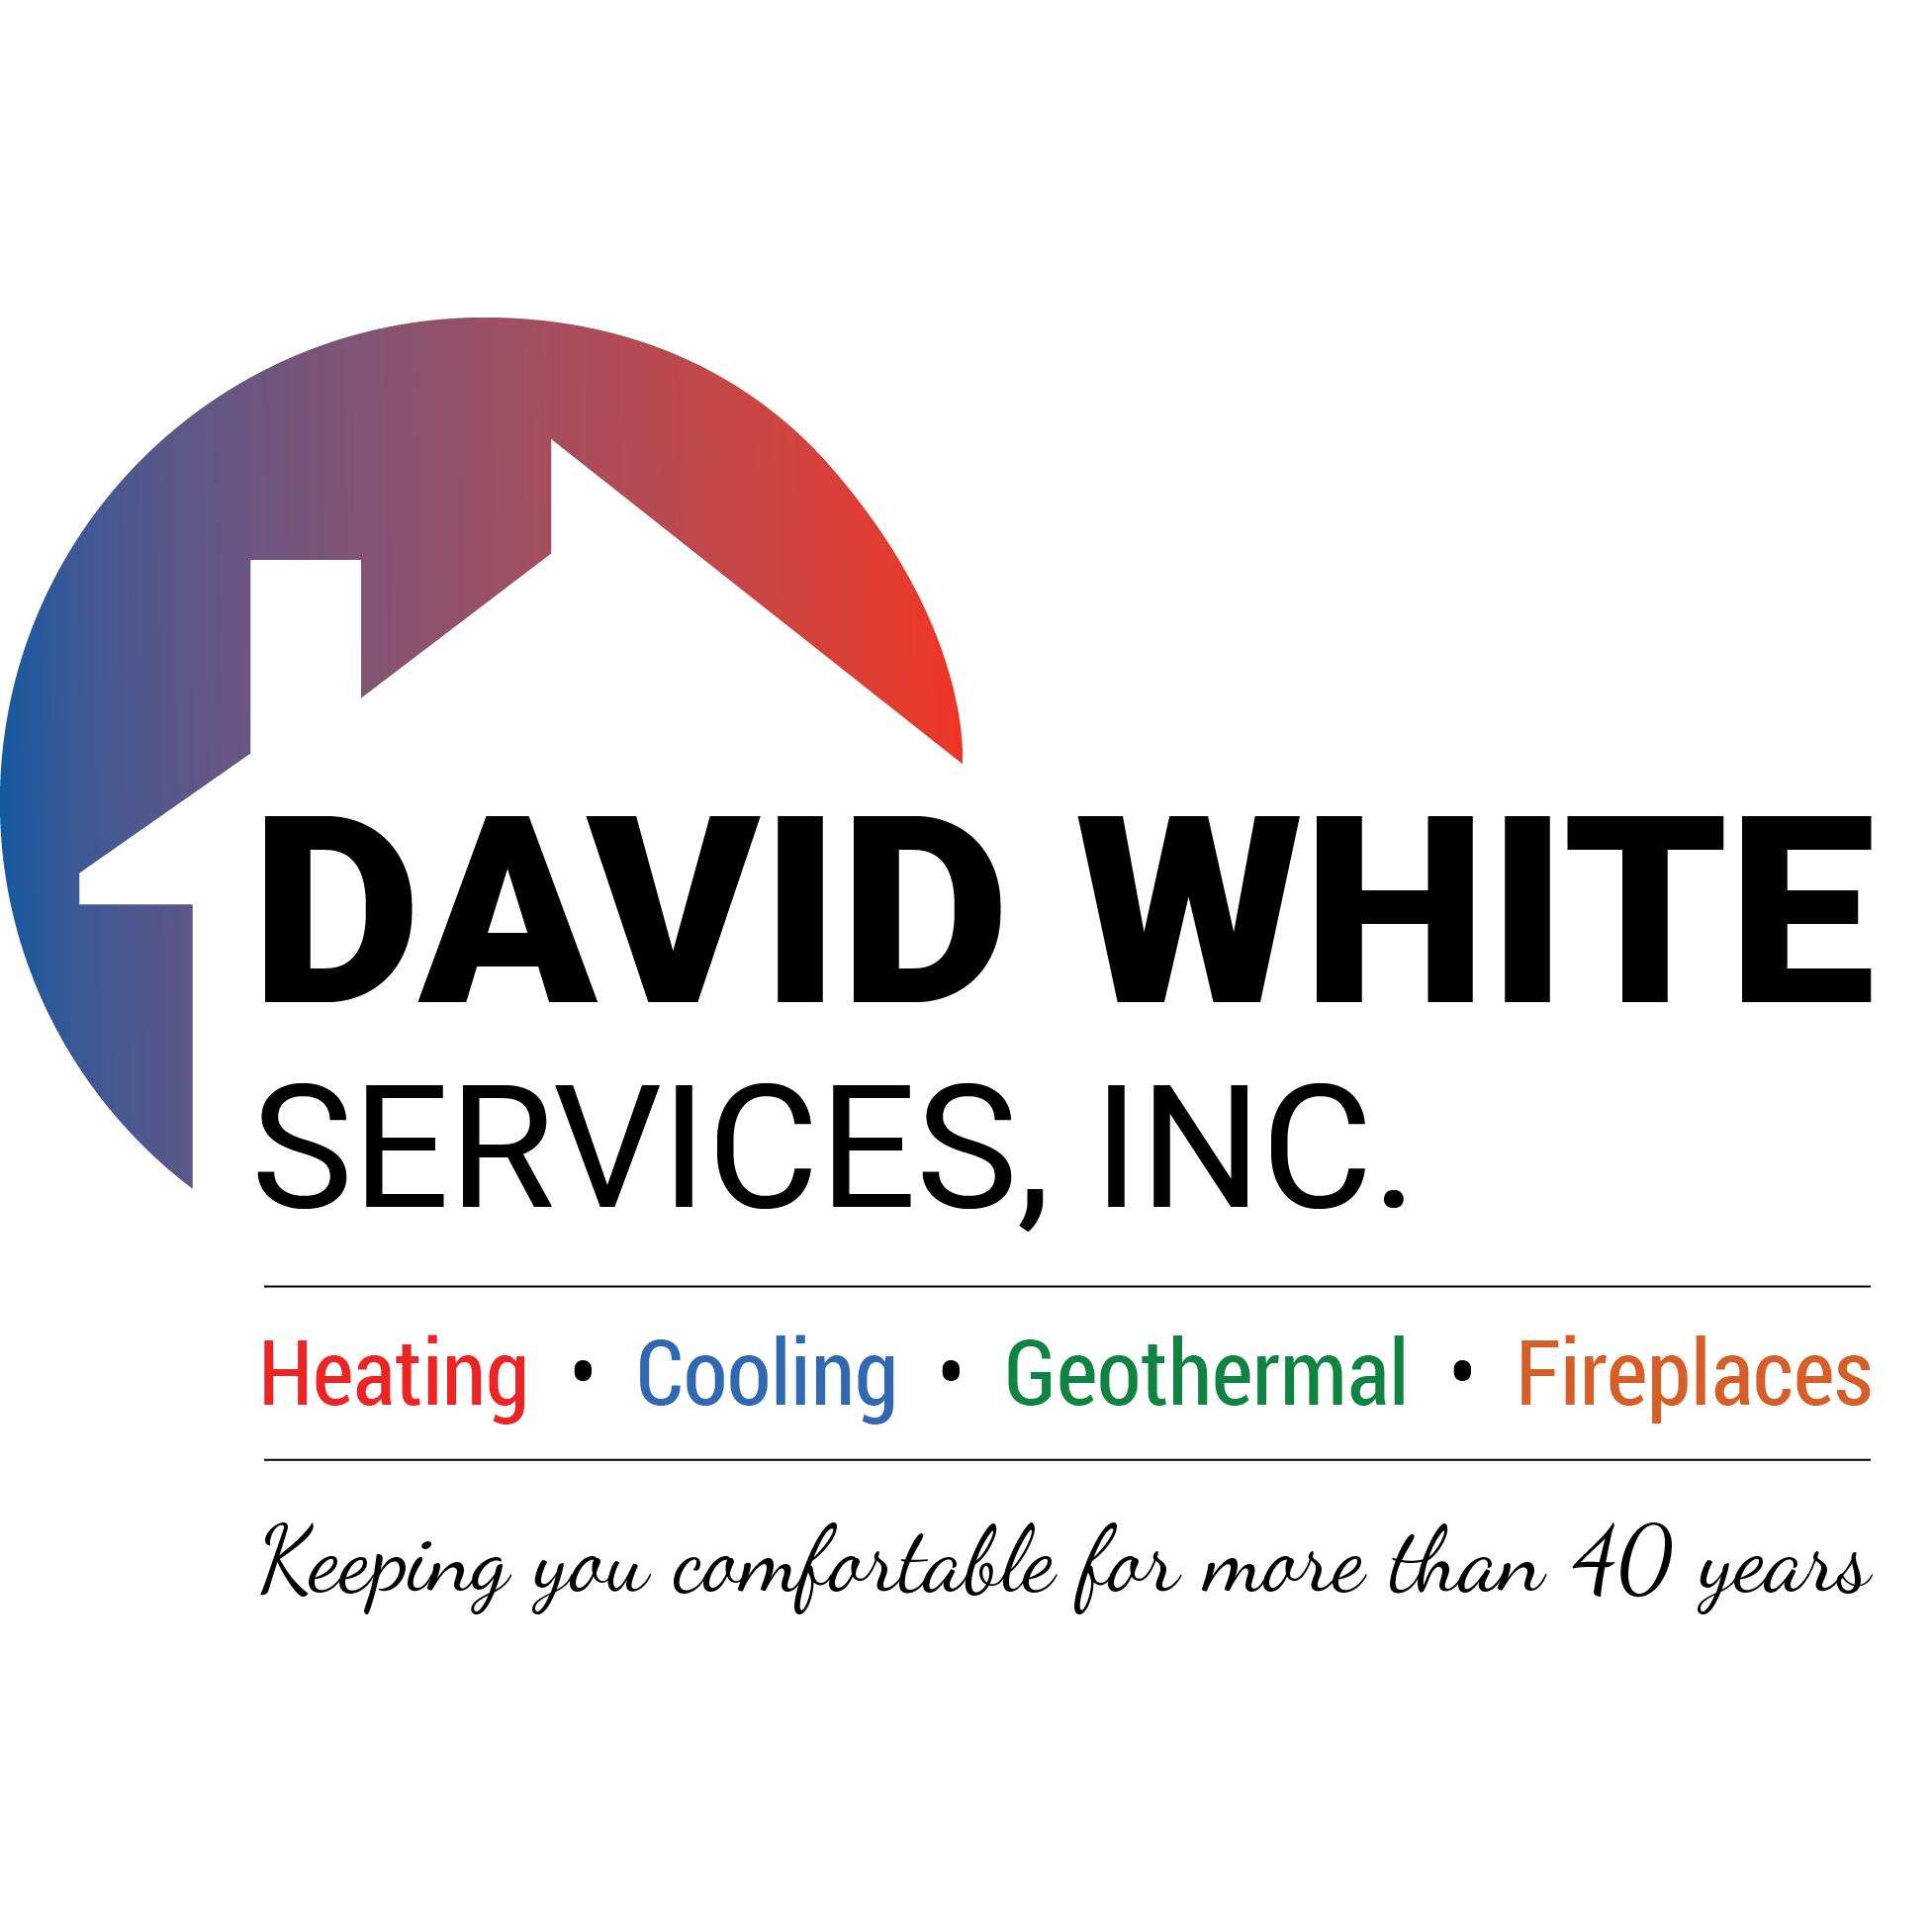 David White Services